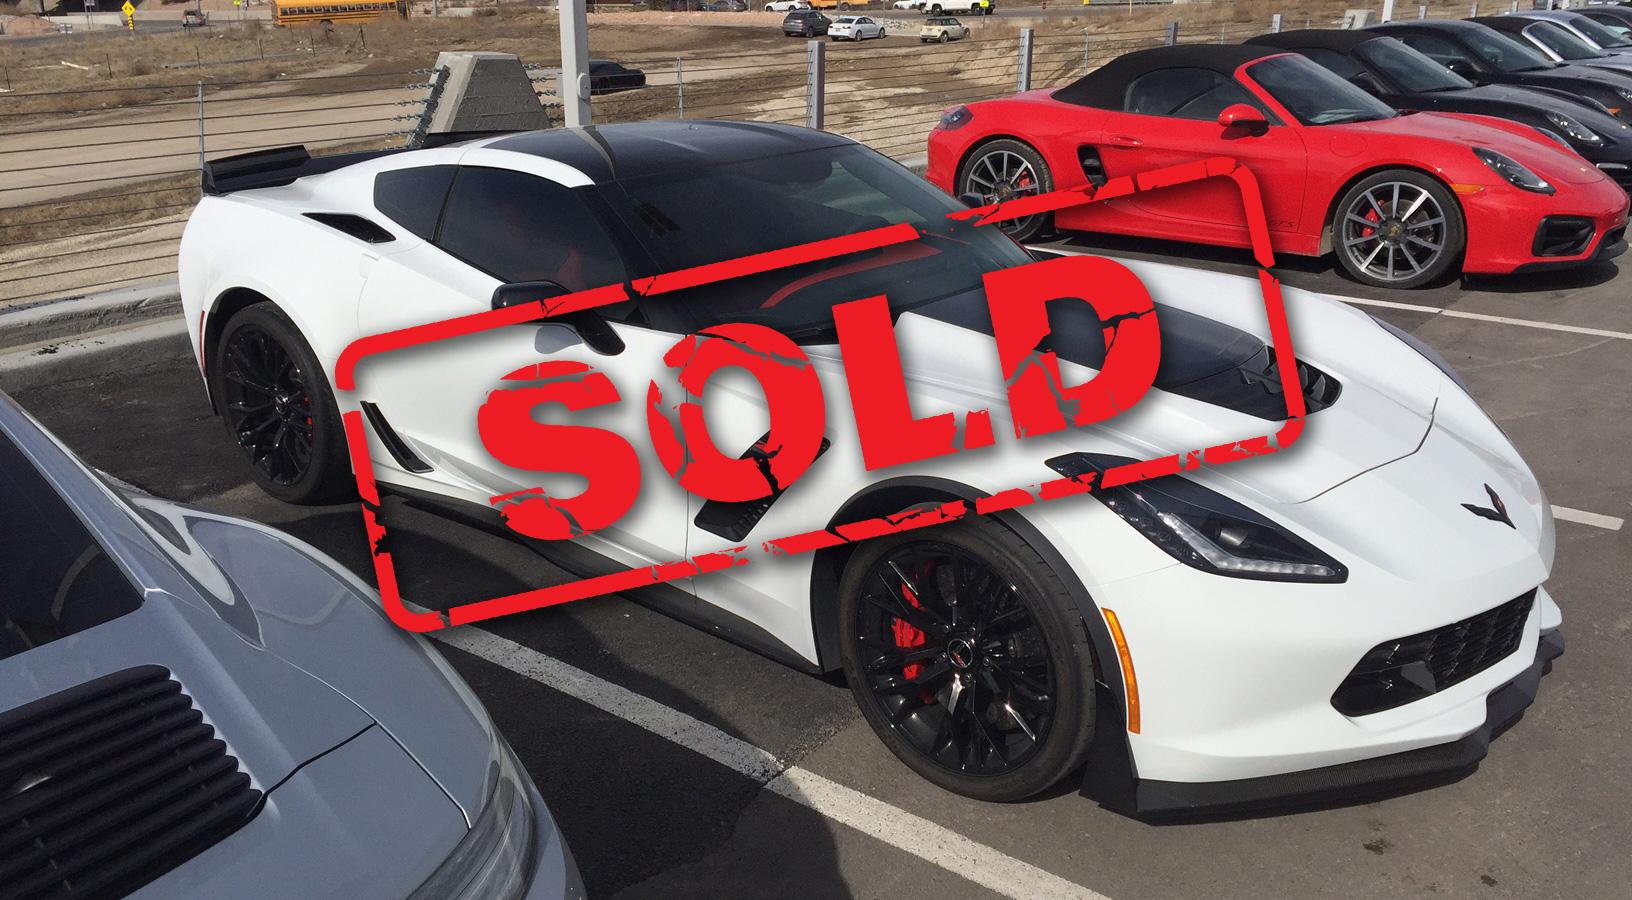 corvette-15-sold